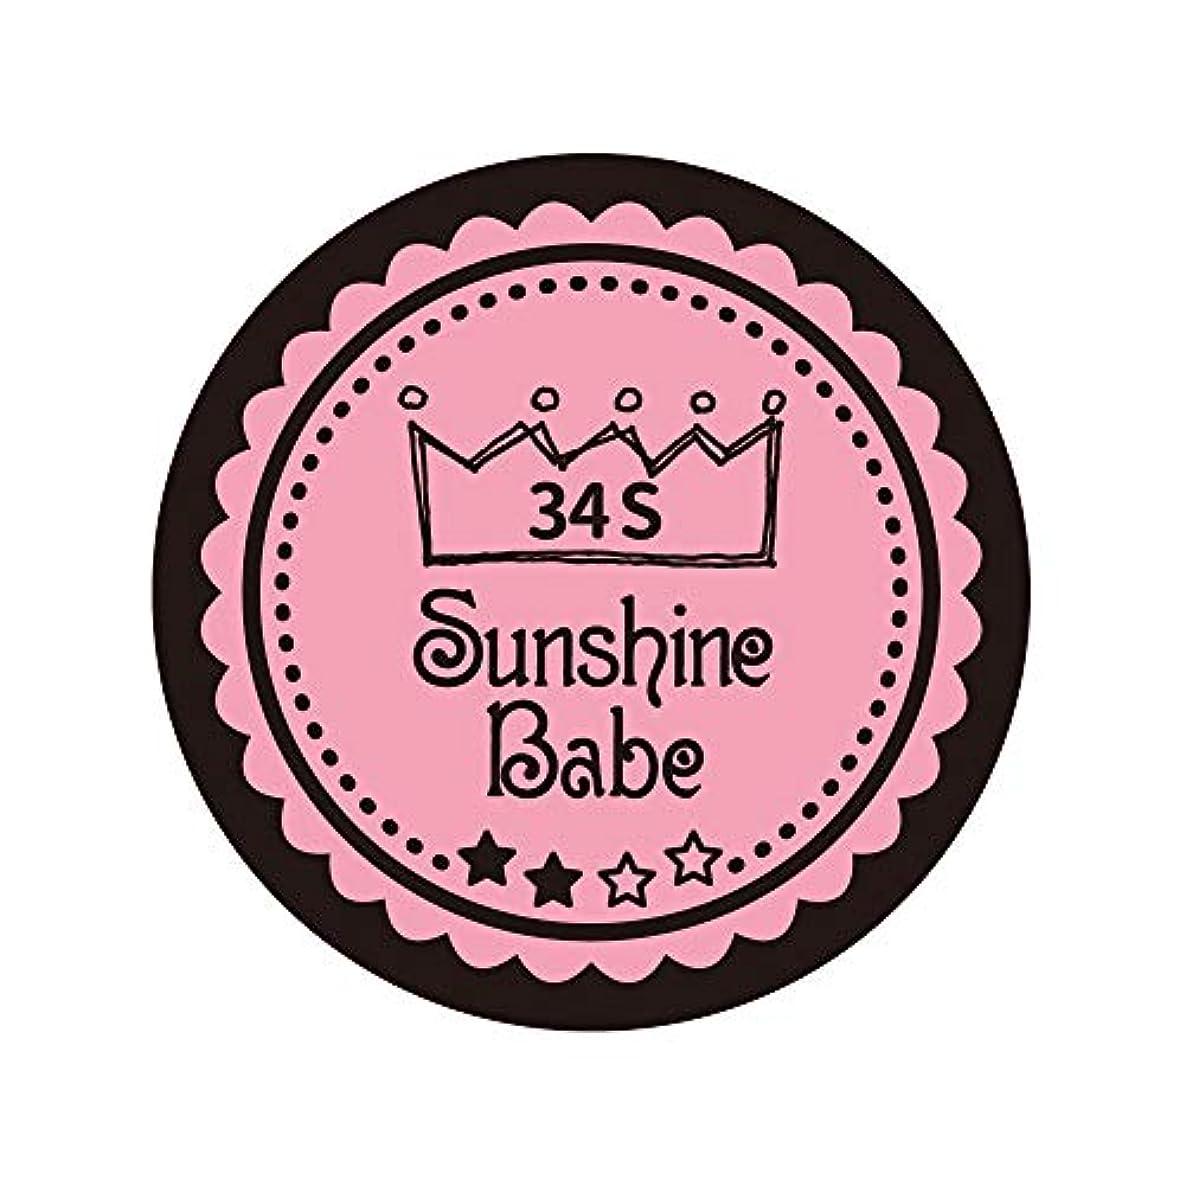 同志ぶら下がるに話すSunshine Babe カラージェル 34S メロウローズ 2.7g UV/LED対応